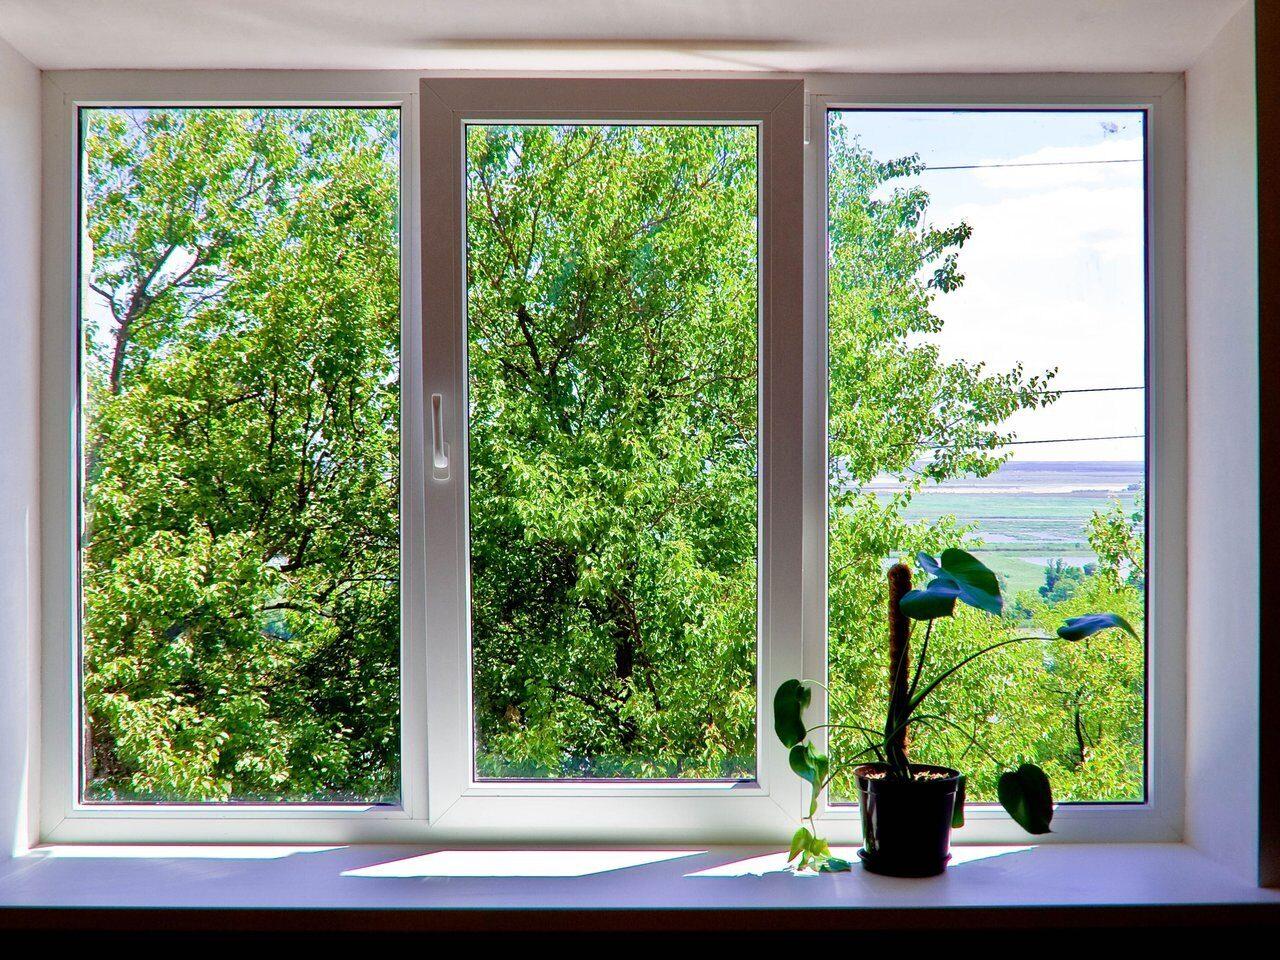 Преимущества пластиковых окон и недостатки